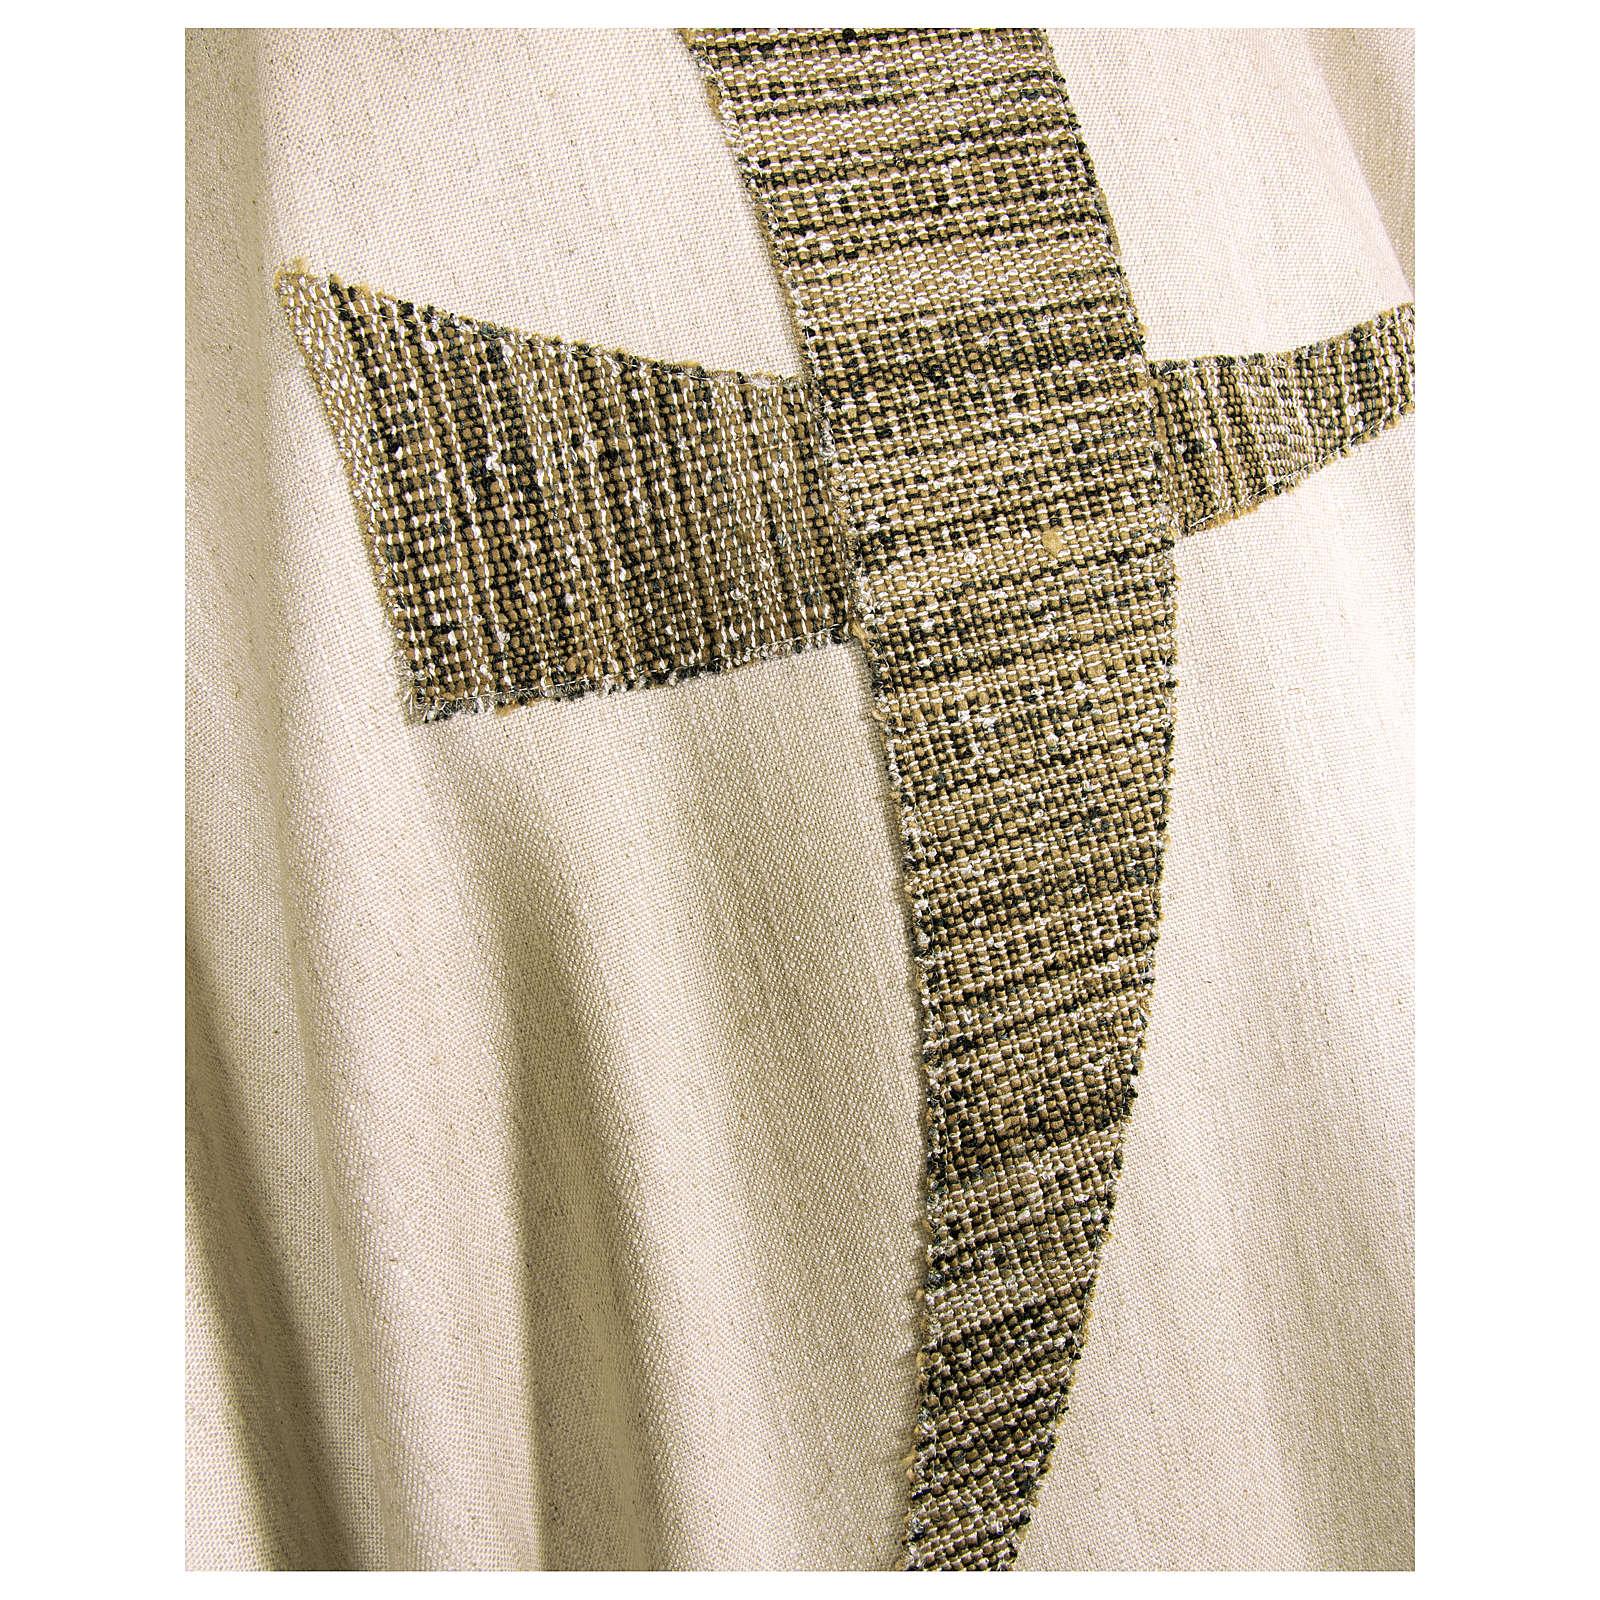 Casula San Francesco tau stilizzato 100% cotone 4